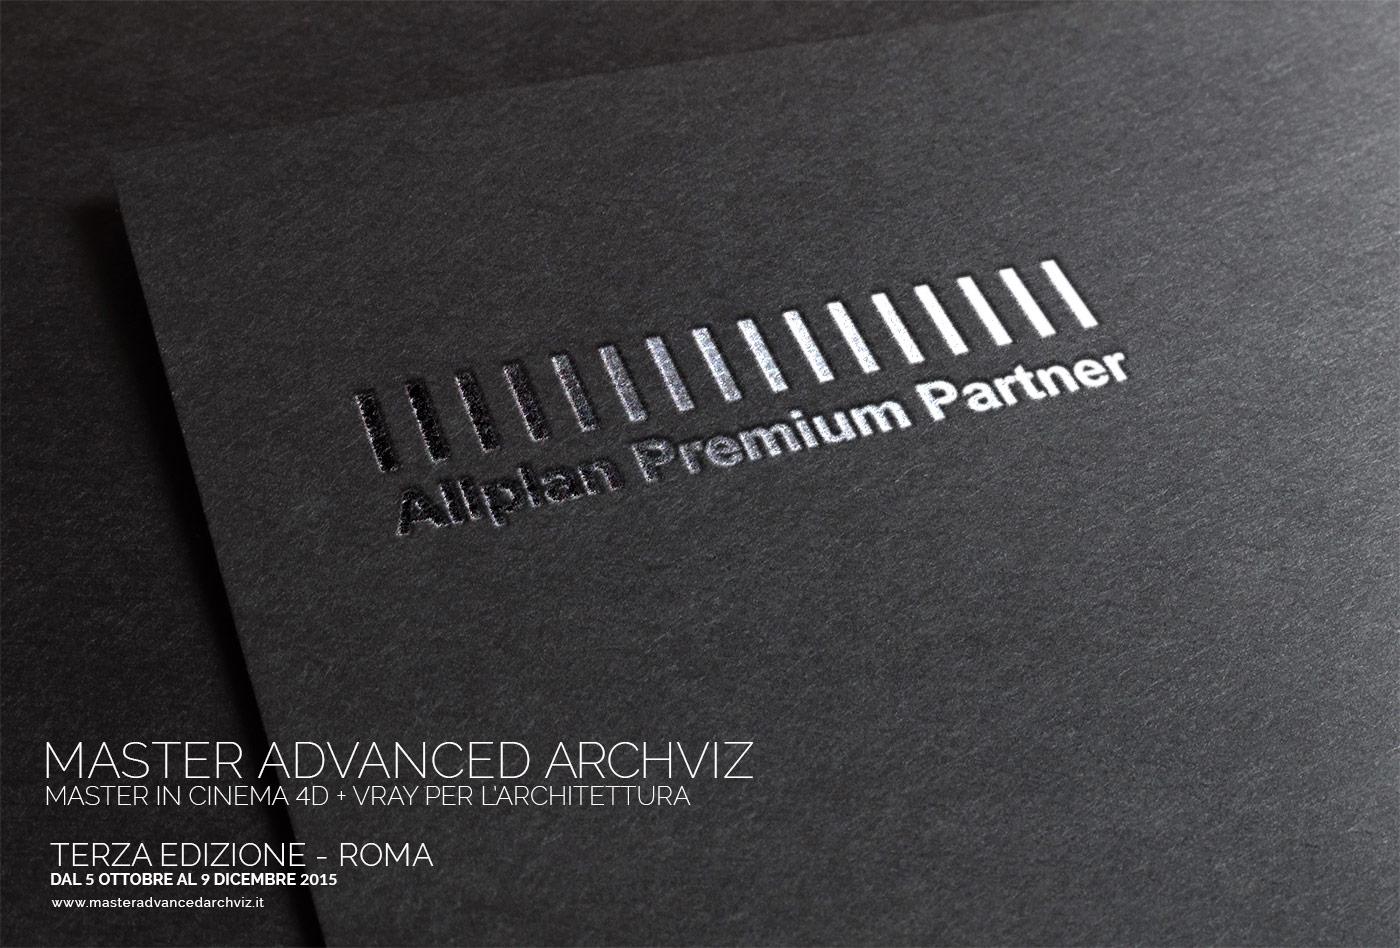 Master Advanced Archviz 2015 - Roma dal 5 ottobre al 9 dicembre 2015